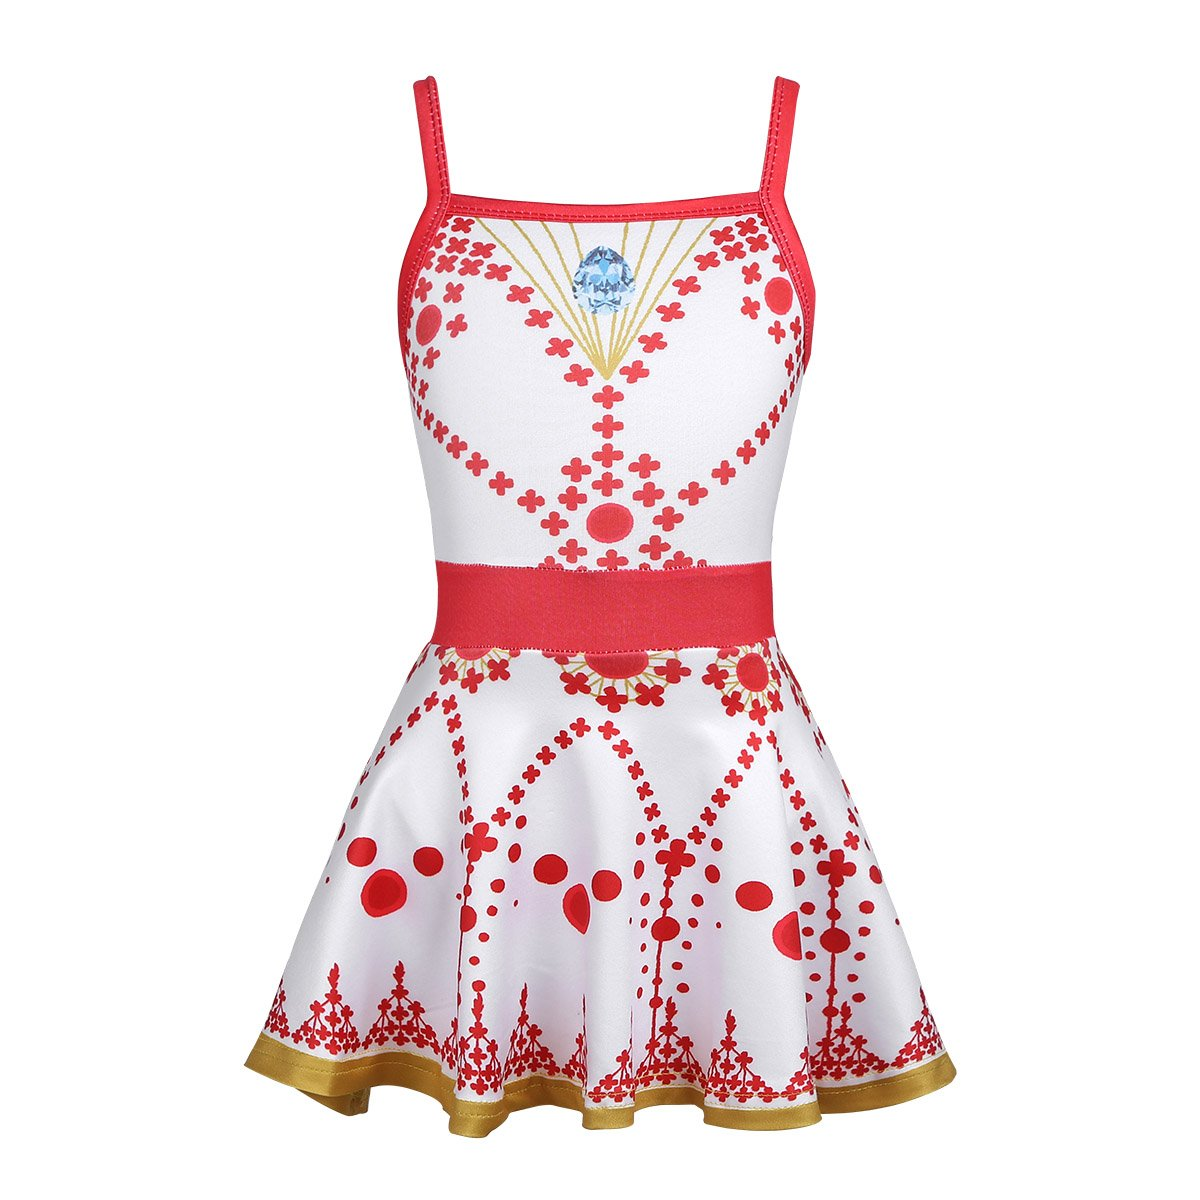 価格は安く Agoky DRESS ガールズ Agoky 43591 B07HVPFZQ9 Red B07HVPFZQ9 Sleeveless 43591, 東京家具:0fa513ba --- a0267596.xsph.ru